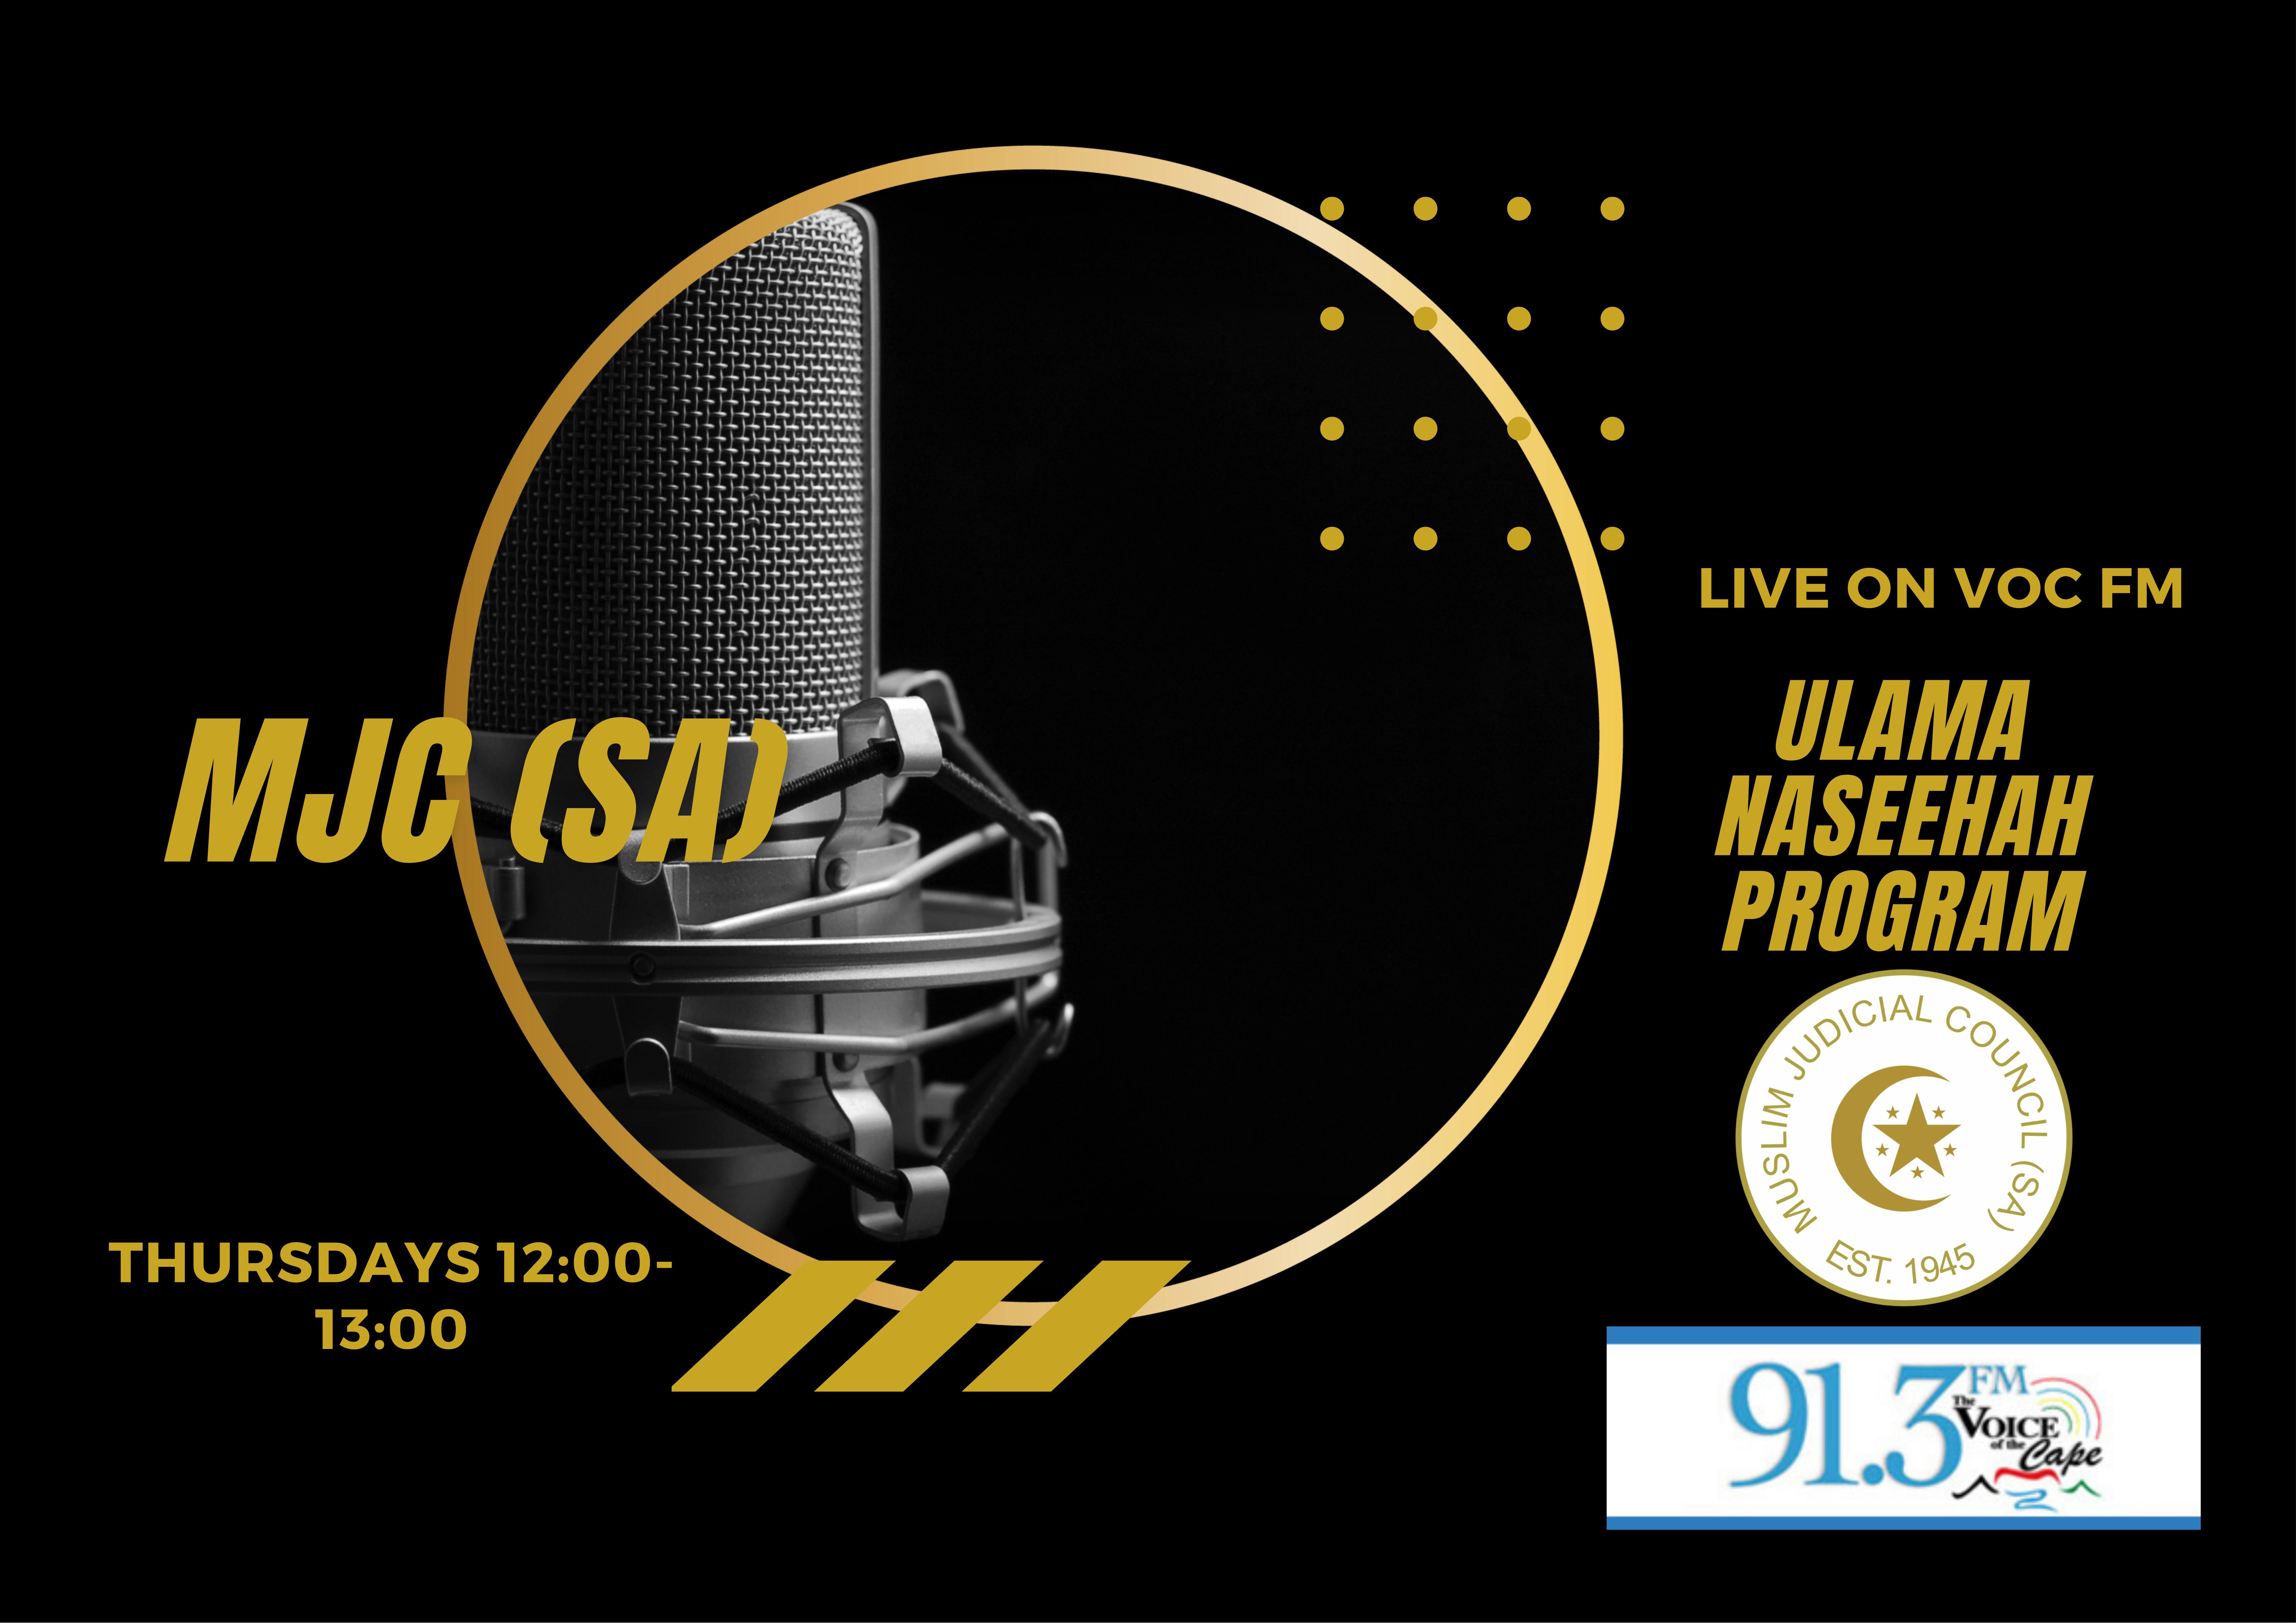 - mjc SA - MJC (SA) radio naseehah on VOC FM